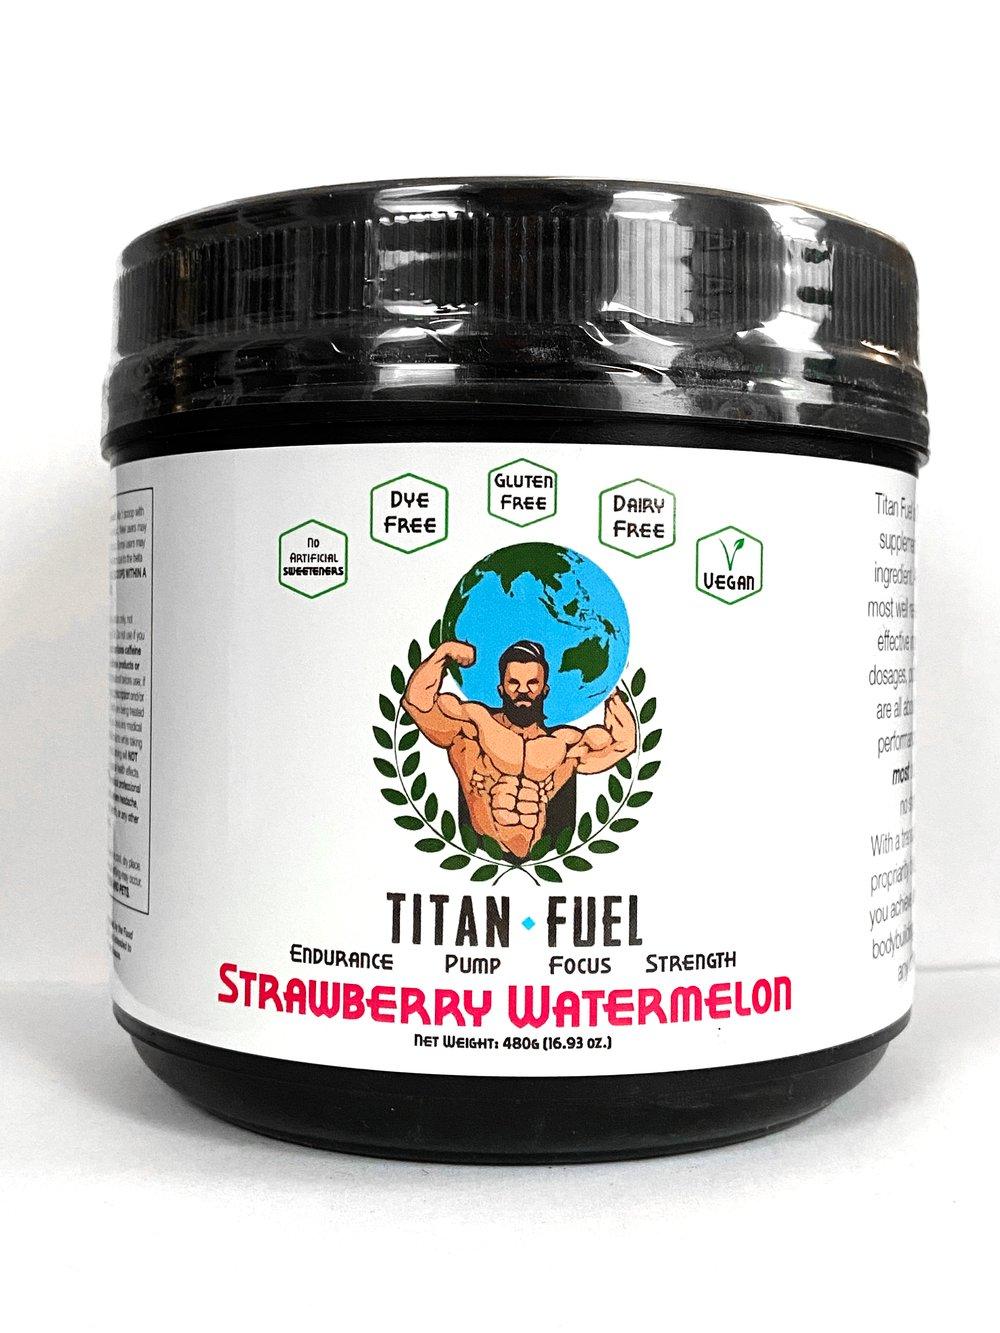 Titan Fuel Pre-Workout Strawberry Watermelon